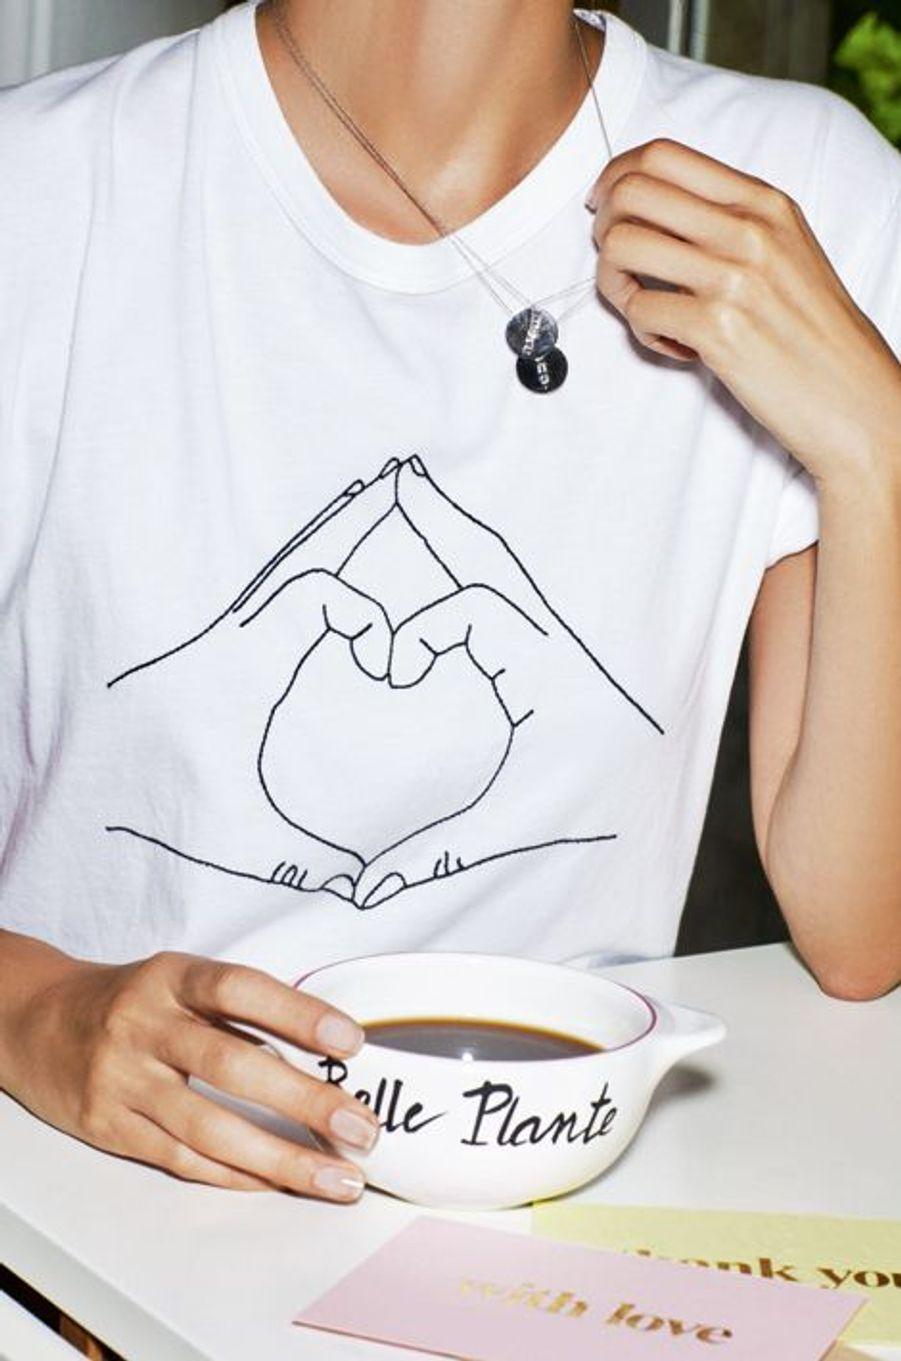 Choisissez votre petit mot précieux, chaîne en or blanc 750 millièmes, avec un pendentif «More» ou «One», Ginette NY, 610 €. Le Tee Shirt en coton brodé avec le dessin de deux mains formant un coeur, clin d'oeil au langage universel des signes. Maison Labiche, 60 €. A l'occasion des 150 ans du Printemps, Pied de Poule propose ces bols bretons avec des messages rafraîchissants, à offrir à toutes les générations de mamans ! 18 €